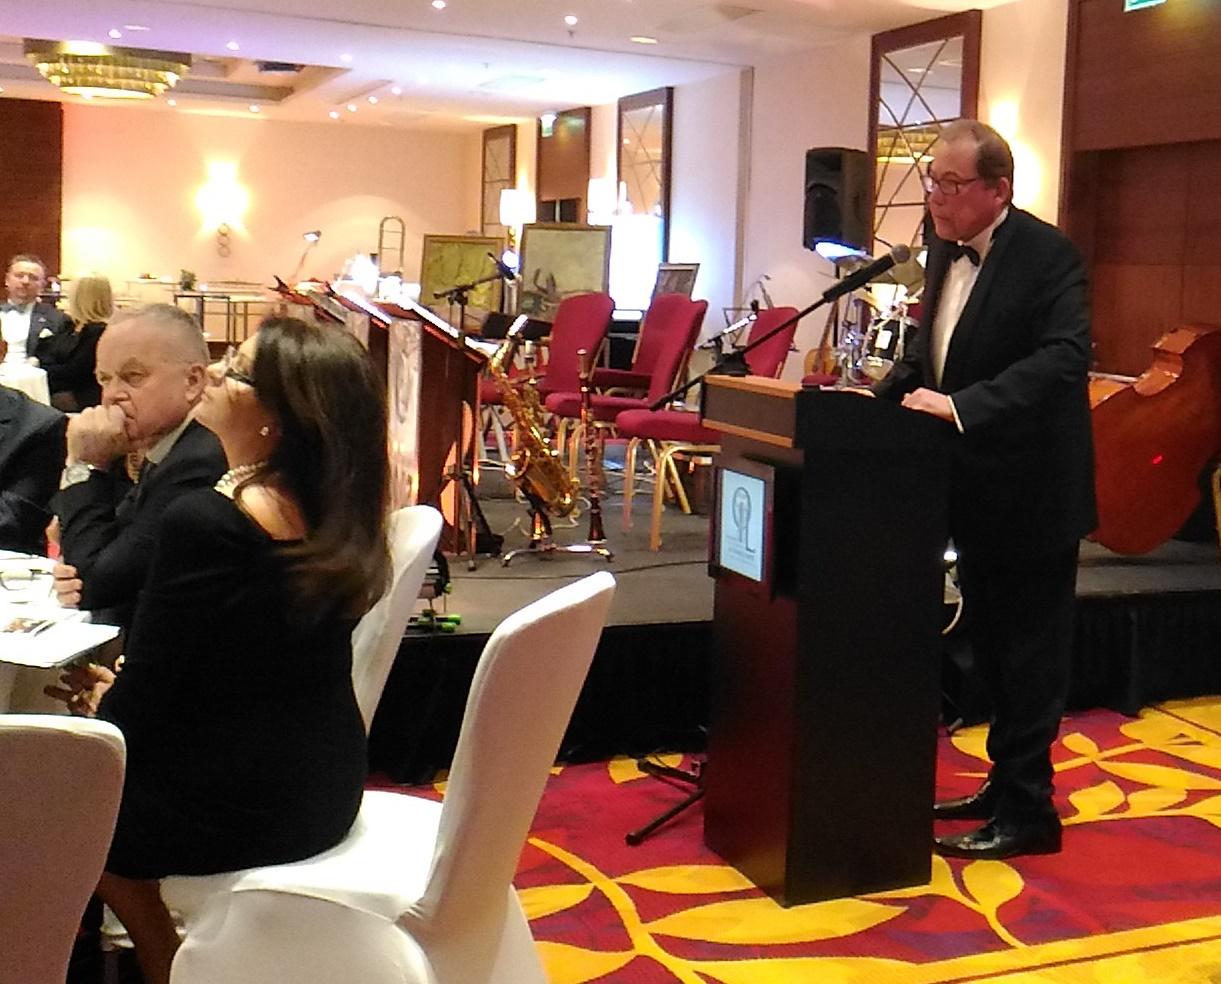 Wystąpienie prezesa Andrzeja Sawoniego podczas spotkania noworocznego z przedstawicielami środowiska medycznego i menedżerami służby zdrowia